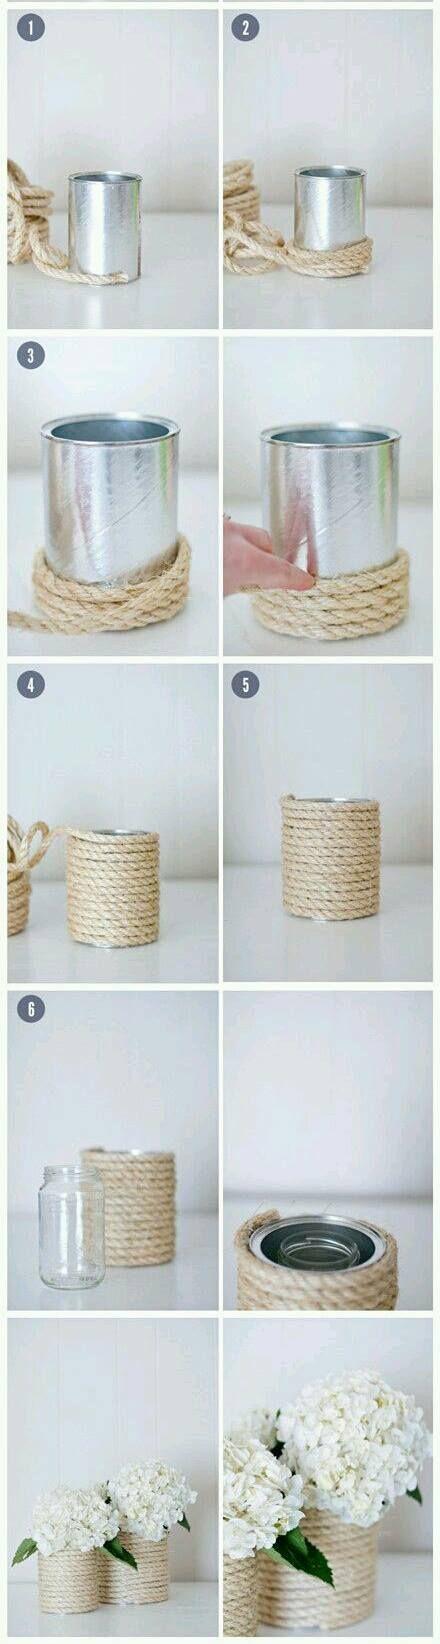 #Tutorial: come riutilizzare dei barattoli di vetro e di latta!  www.gianclmanufatti.com